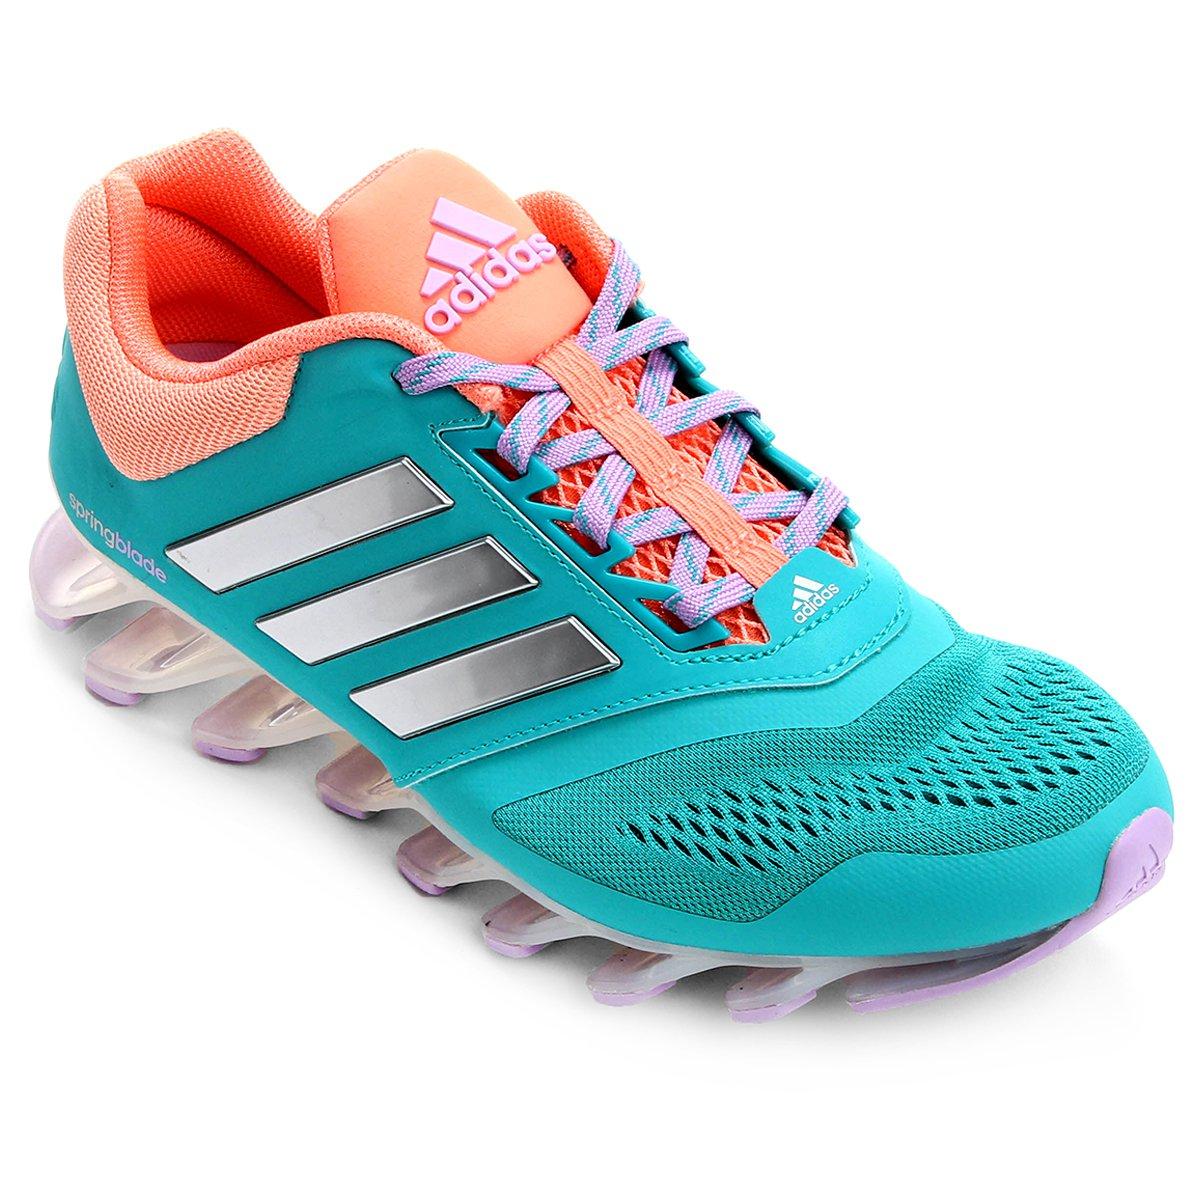 Tênis Adidas Springblade Drive 3 Feminino - Compre Agora  f98ae4e1de5df